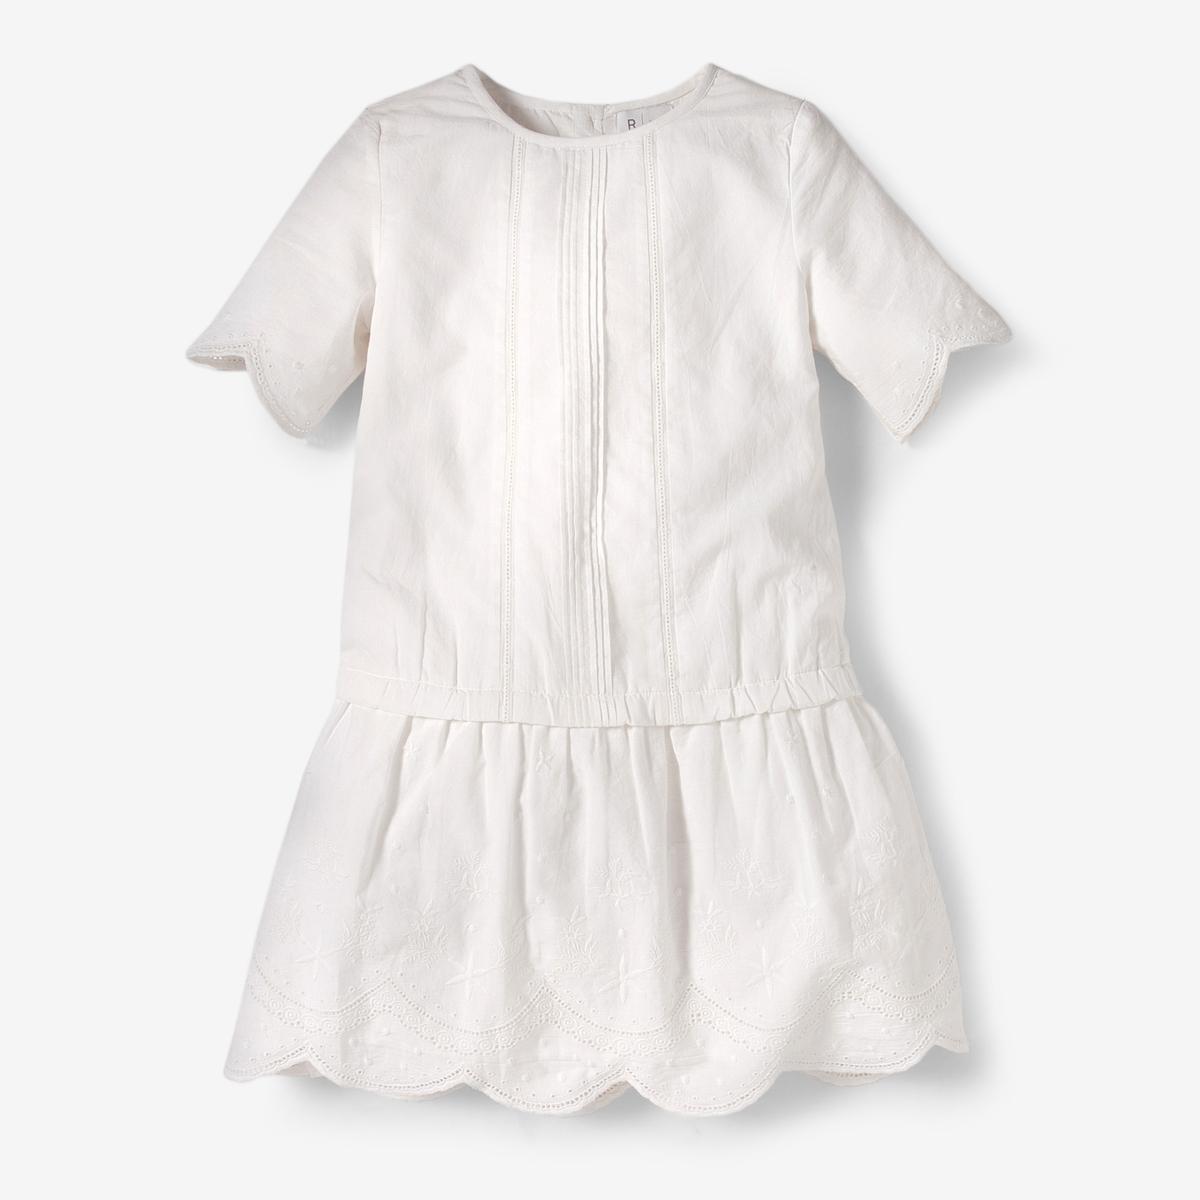 Платье до колен для девочекДетали •  Форма : расклешенная •  Длина до колен •  Короткие рукава    •  Круглый вырезСостав и уход •  100% хлопок  •  Подкладка  :100% хлопок •  Следуйте советам по уходу, указанным на этикетке<br><br>Цвет: белый,розовый